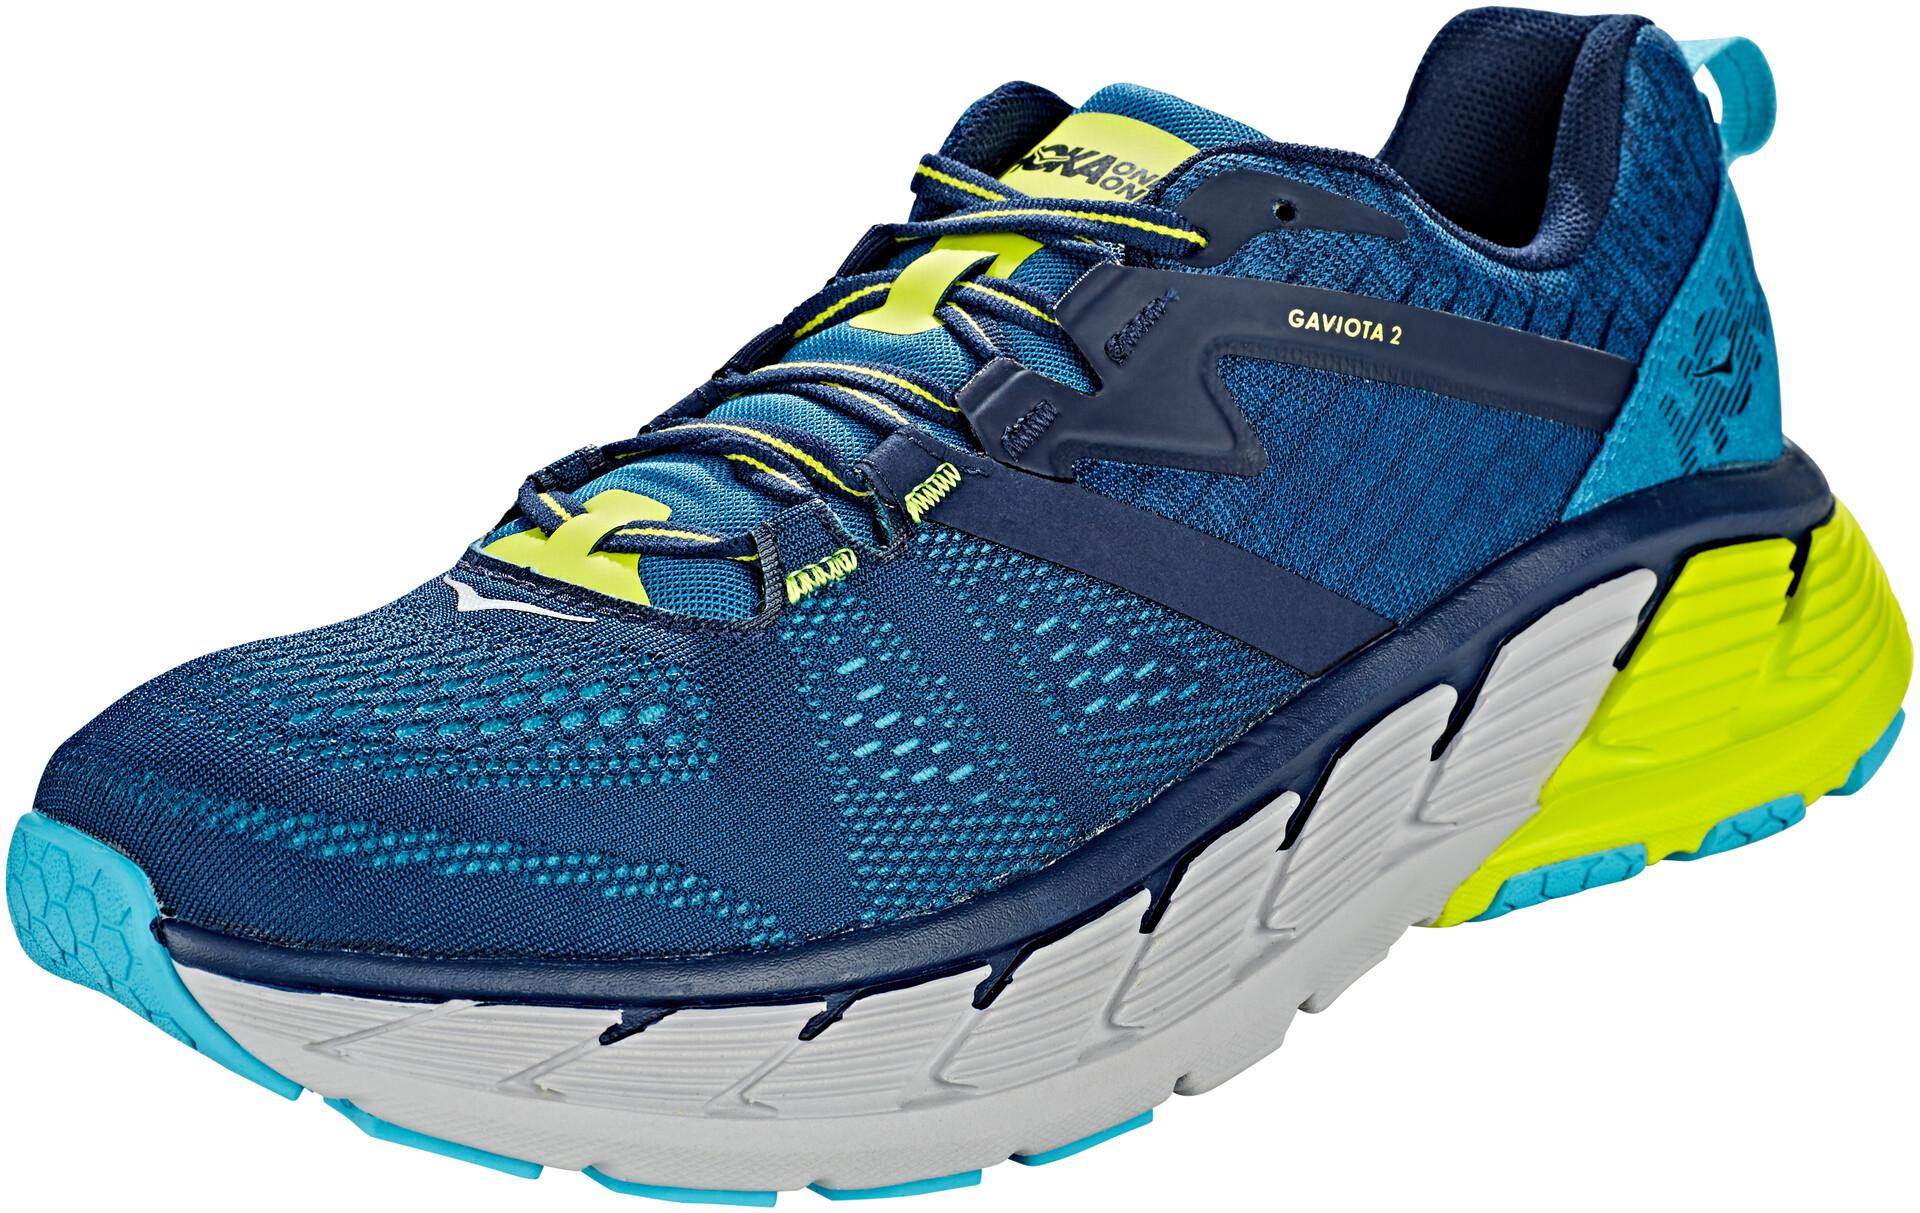 2 Gaviota One Irisseaport Hoka Chaussures Running HommeBlack wPZlXOkiuT